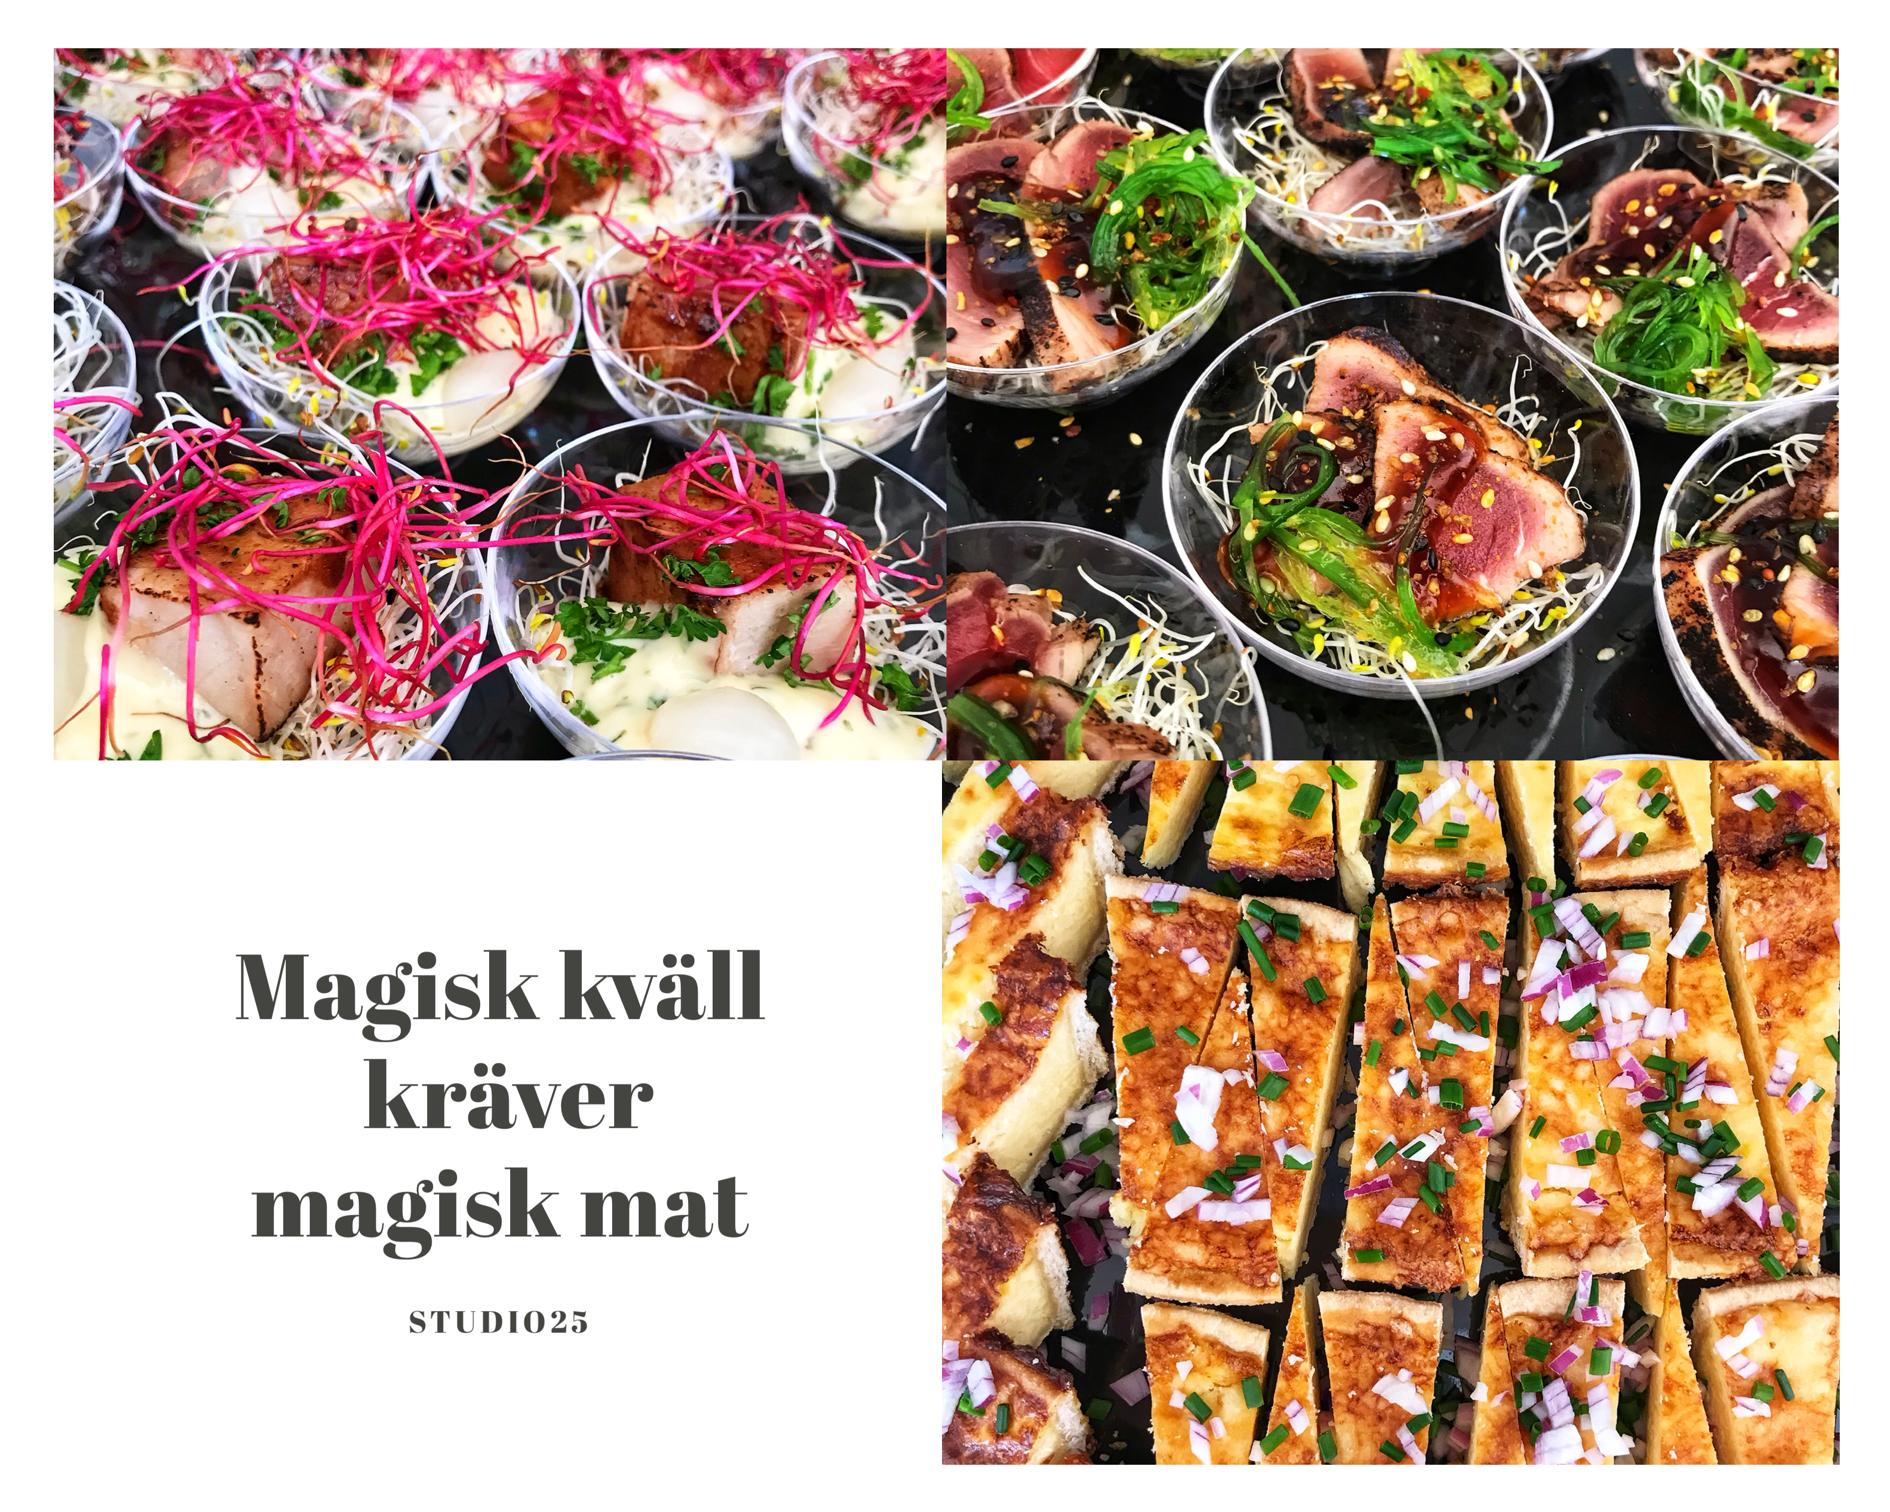 Magisk kväll kräver magisk mat - Foto: Leonor Juhl K